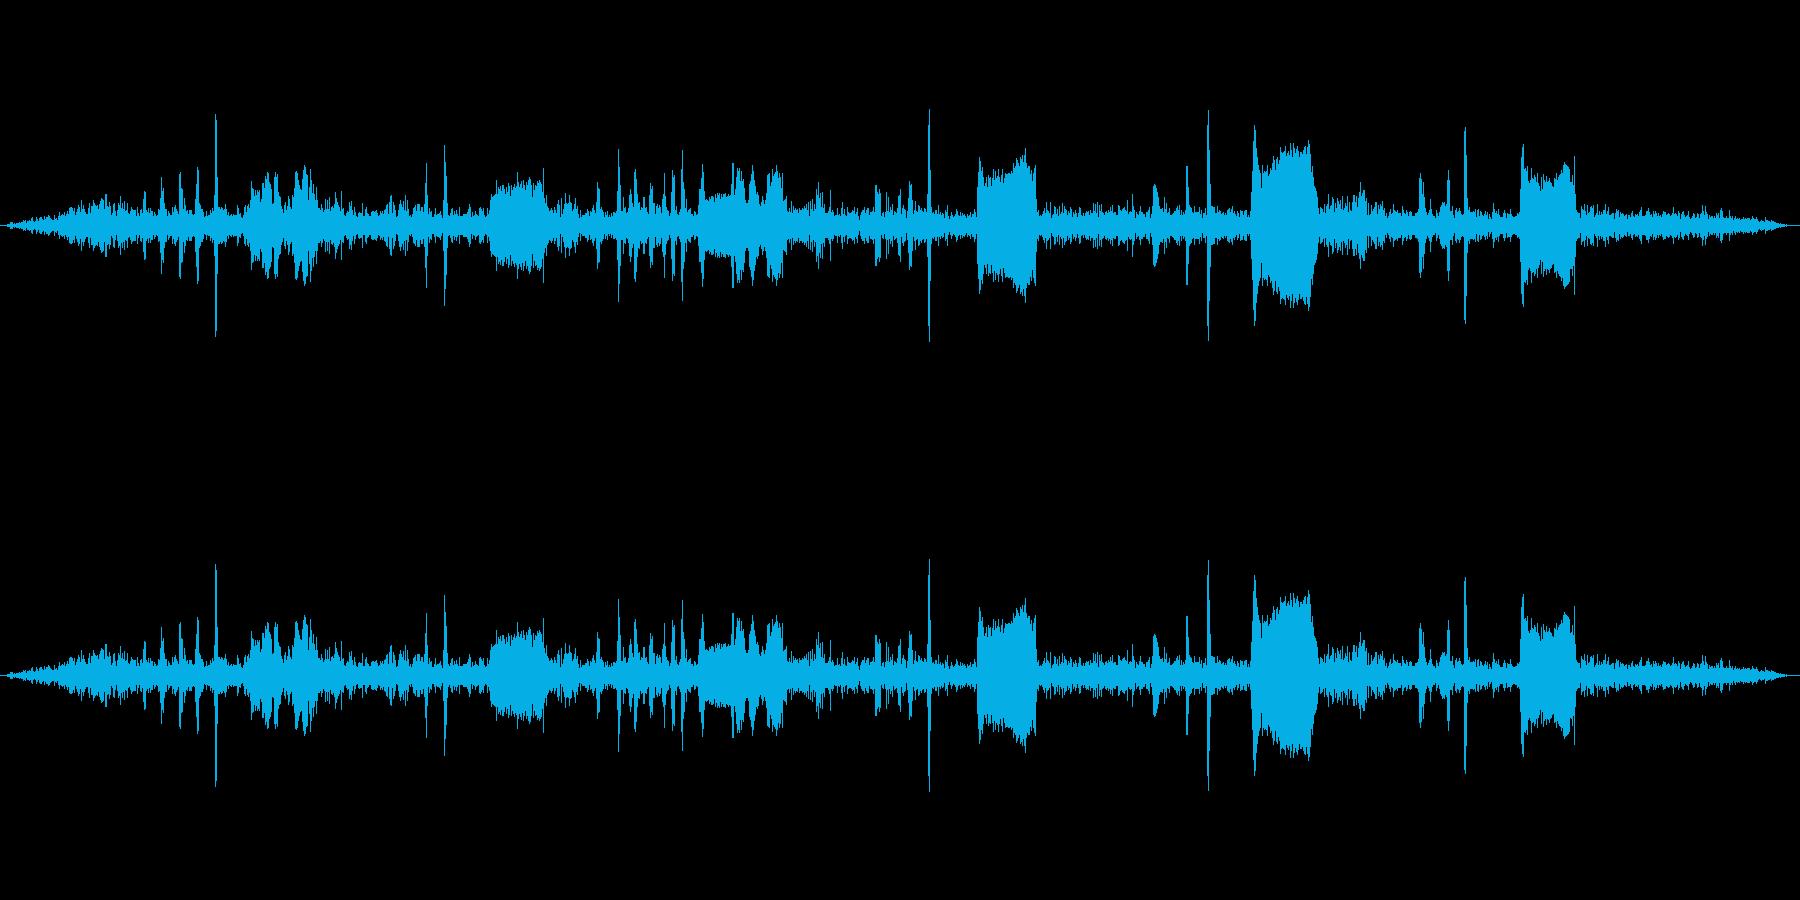 鳩を至近距離で録音しましたの再生済みの波形